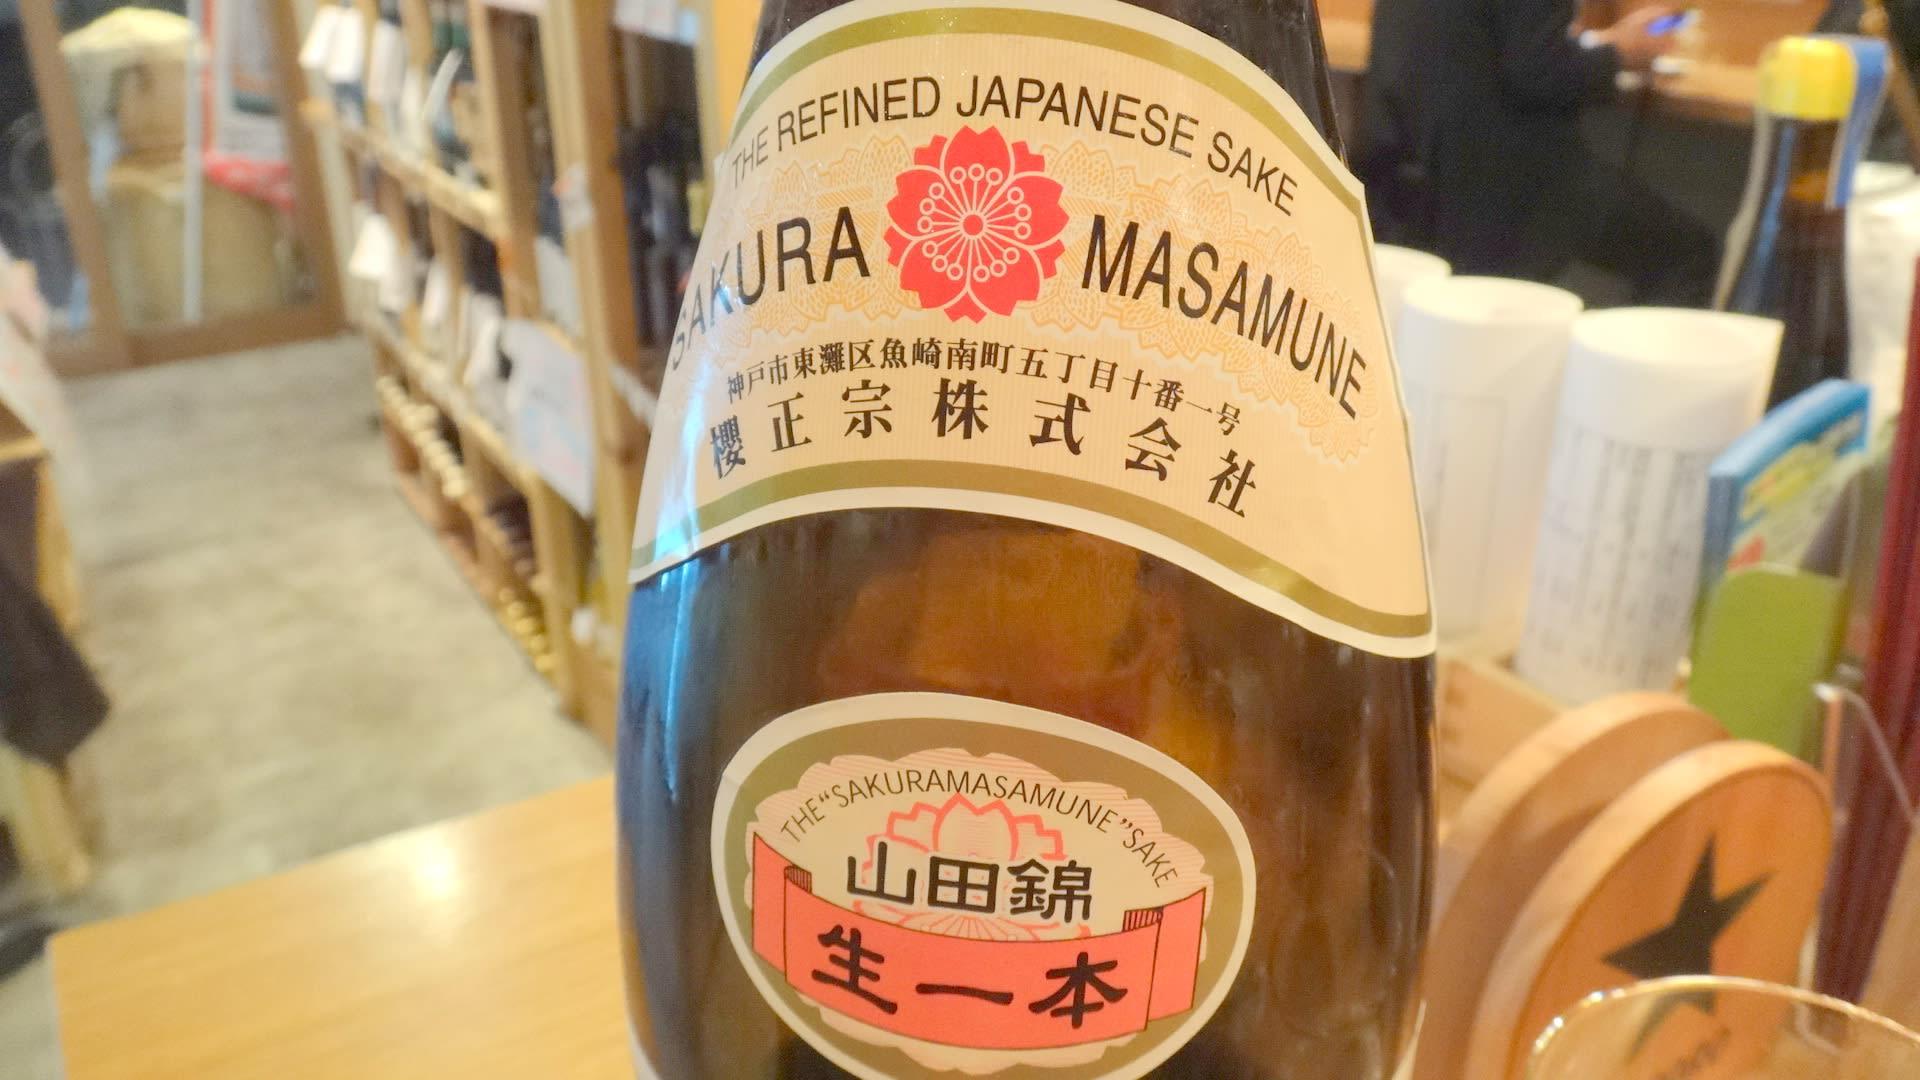 強いお酒ランキング。世界で1番度数が高い、美味 …